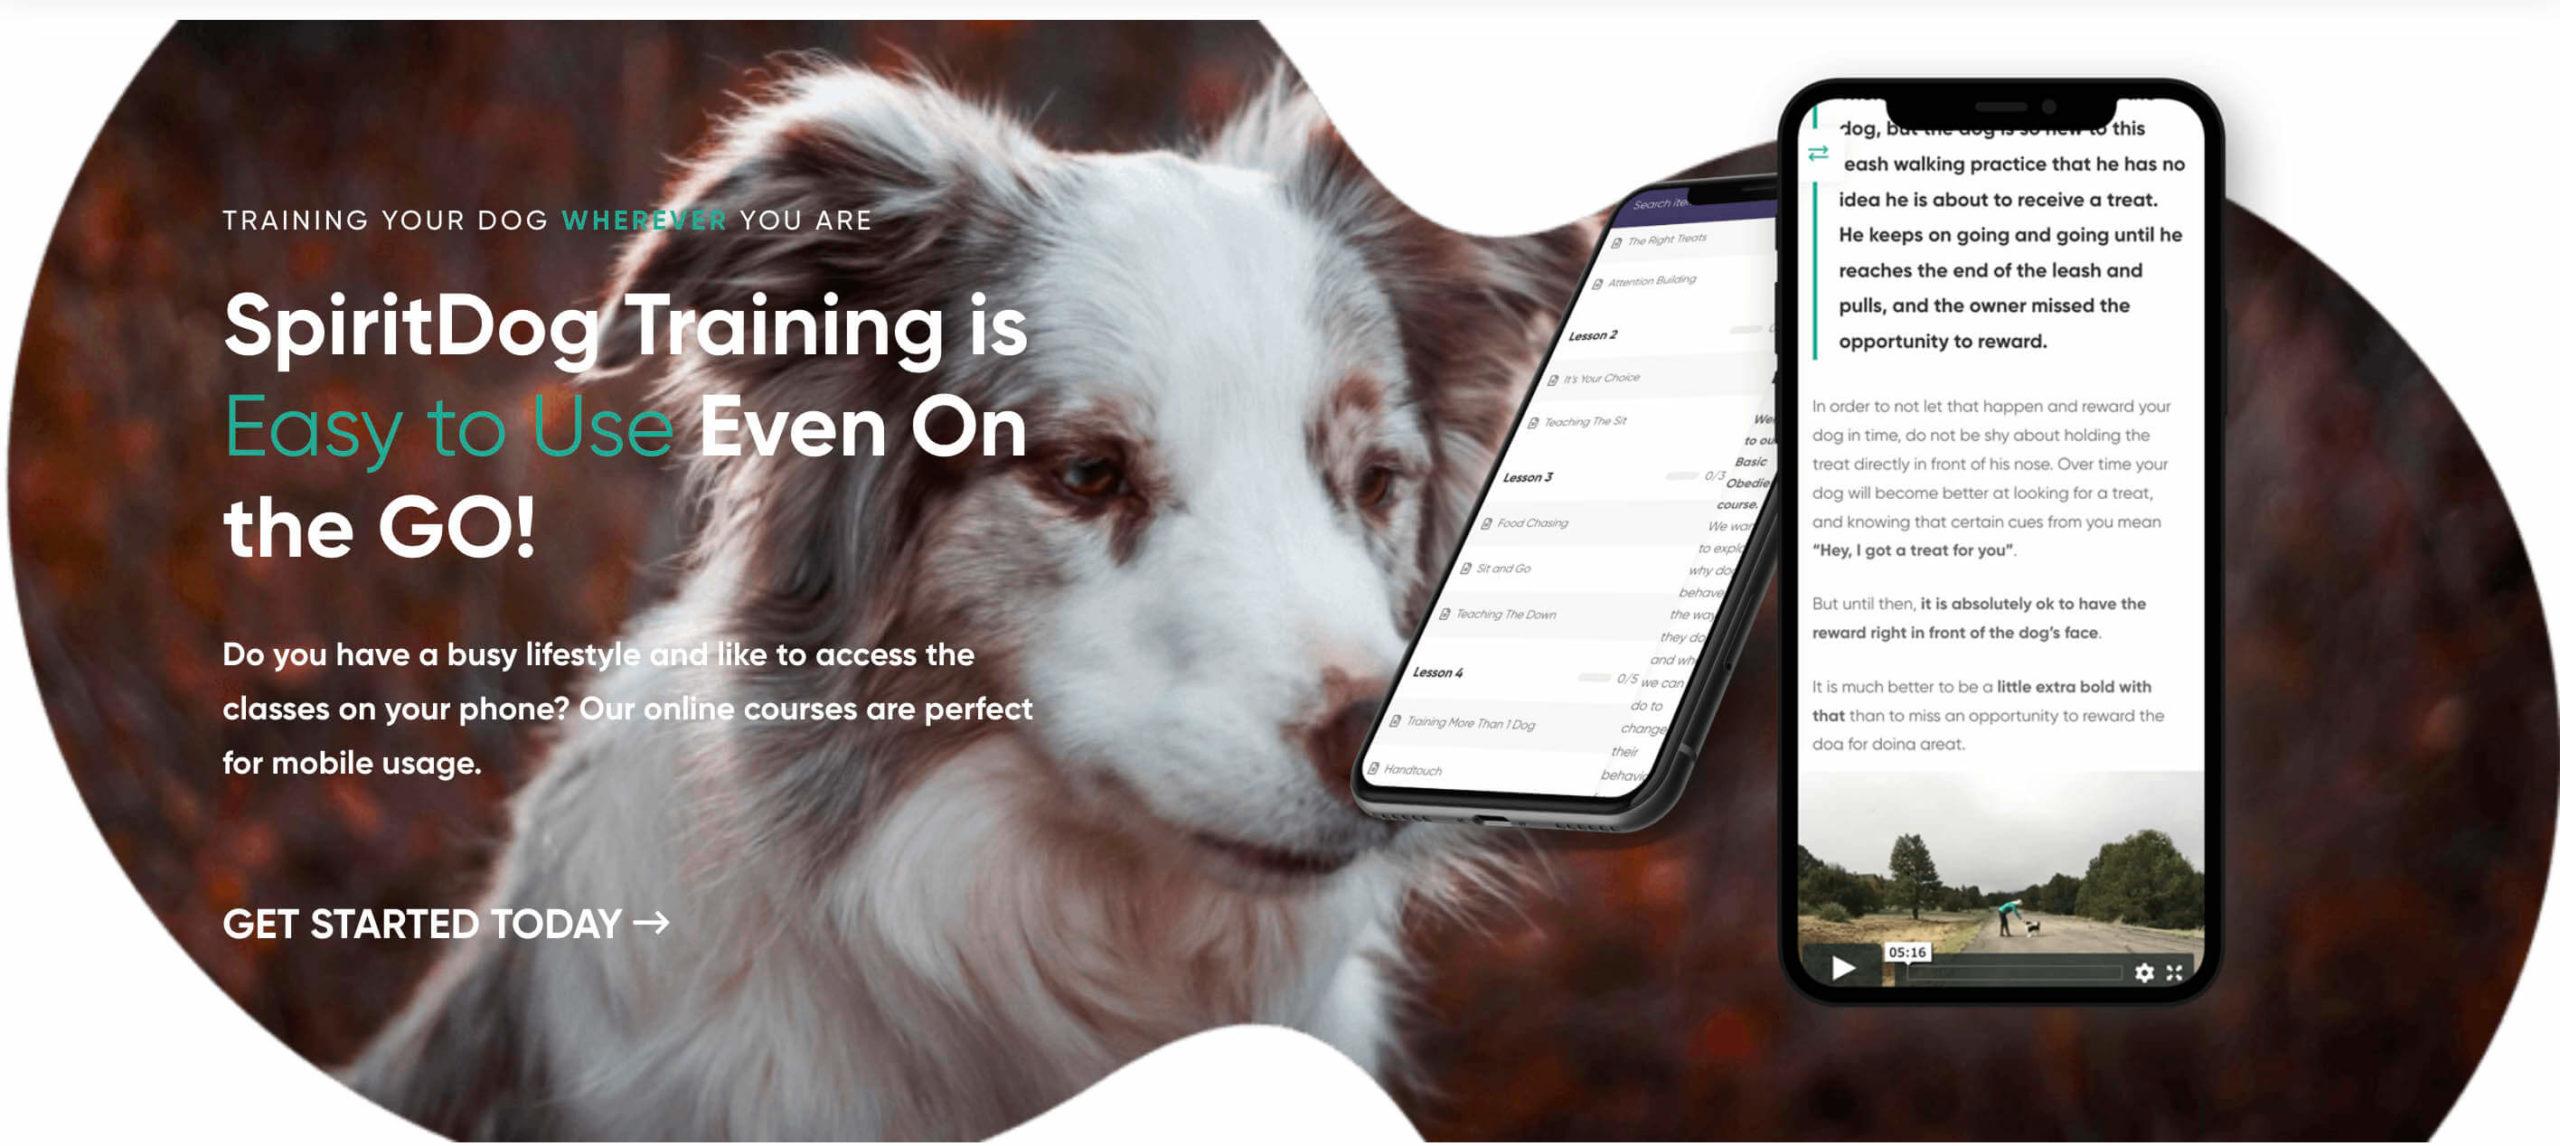 spiritdogtraining.com